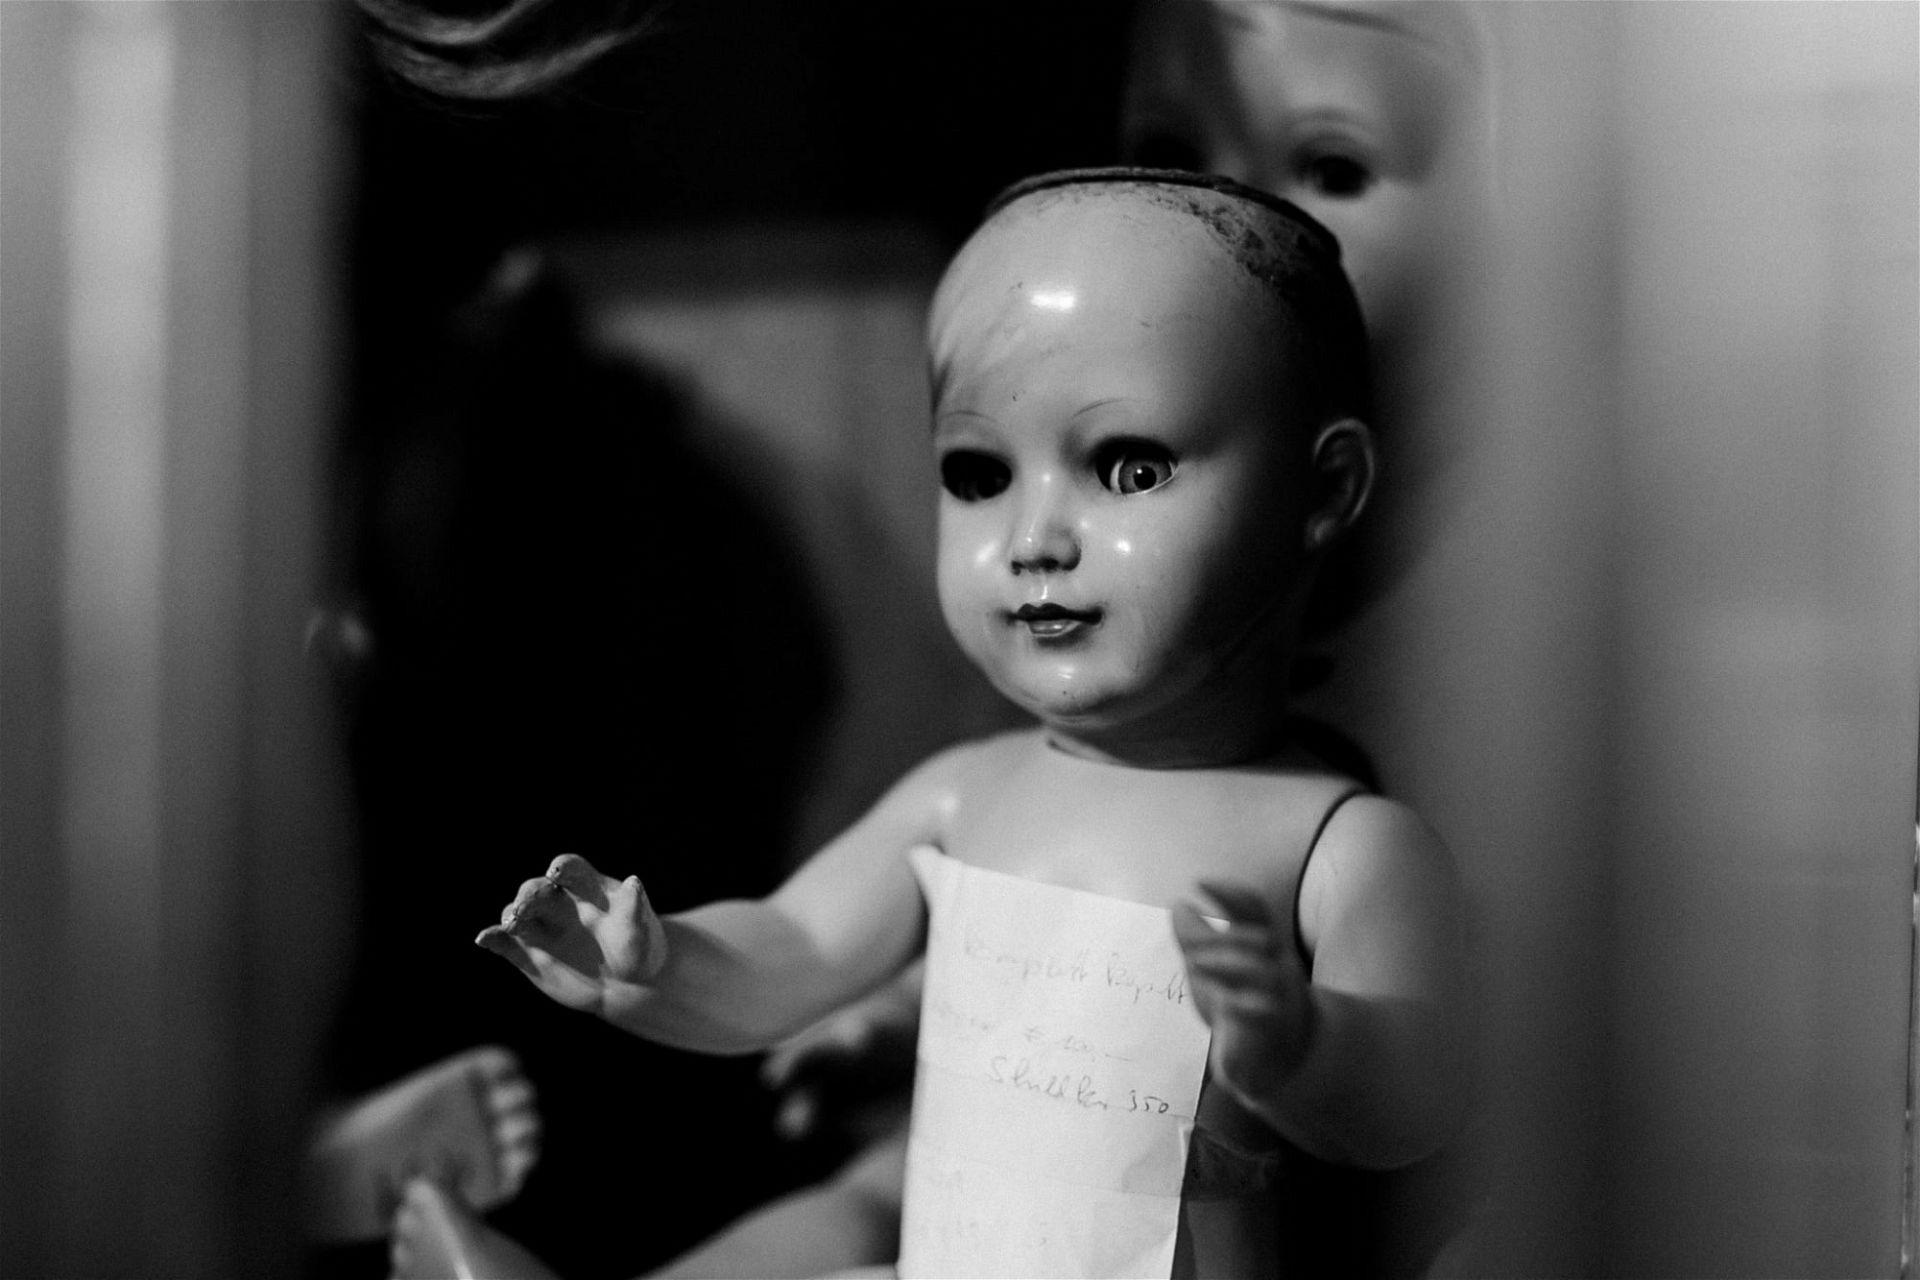 Puppenklinik Wien: Puppe mit kaputtem Auge